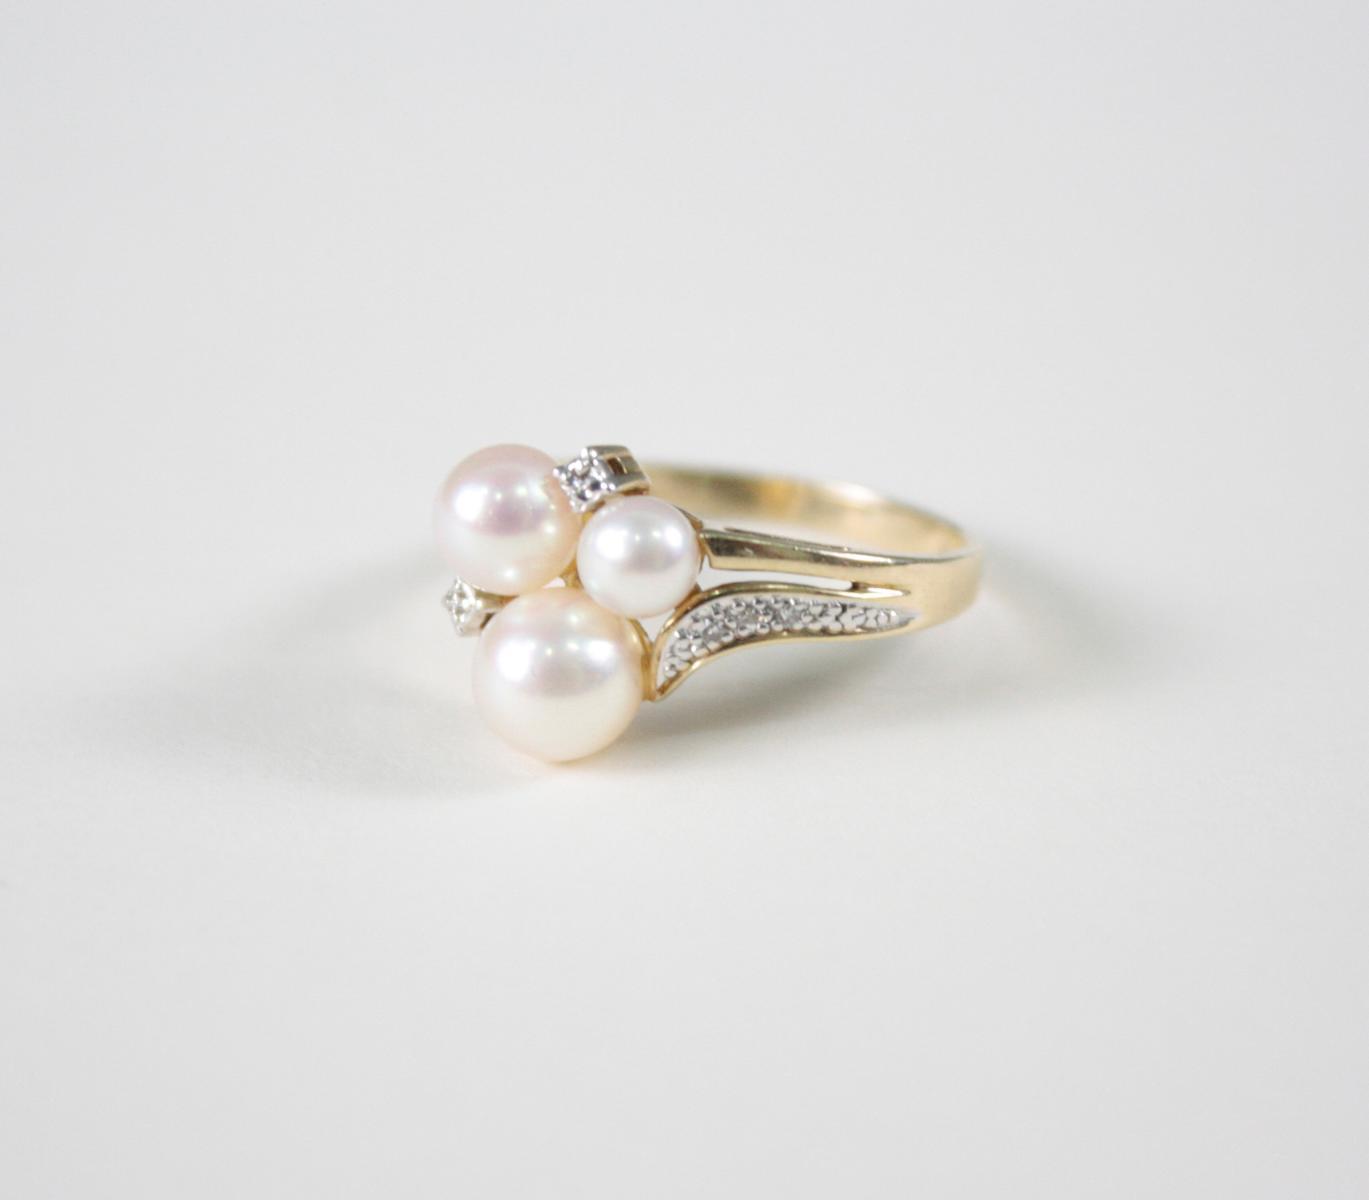 Damenring mit Perlen und  Diamanten, 14 Karat Gelbgold-2